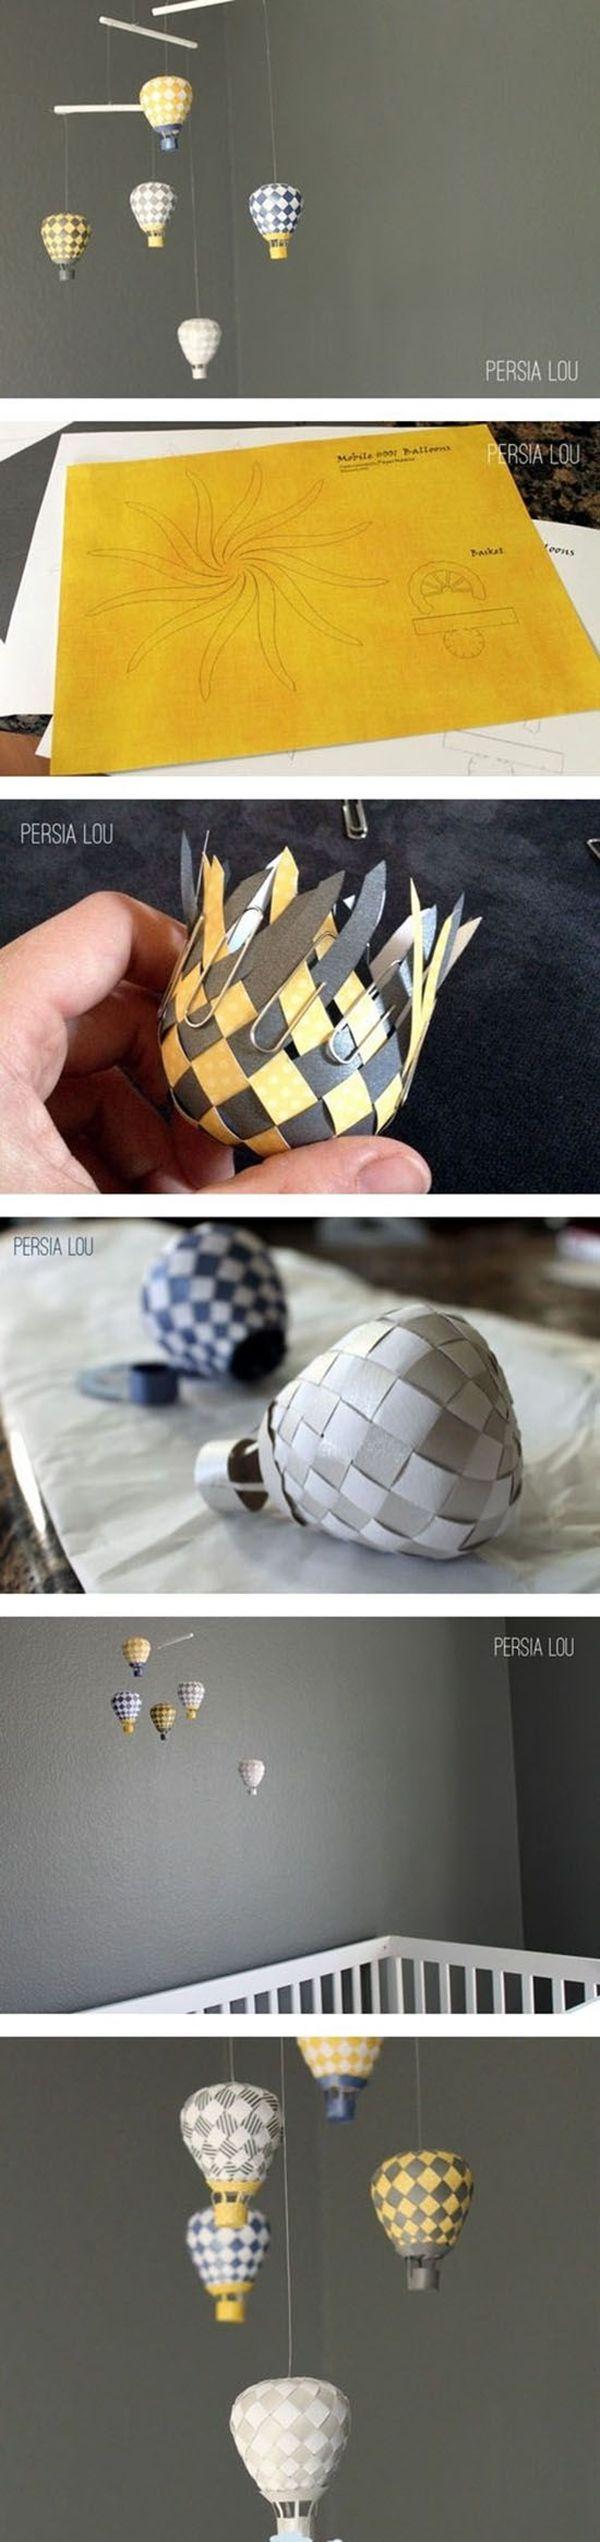 DIY-art-ideas-28.jpg (600×2542)